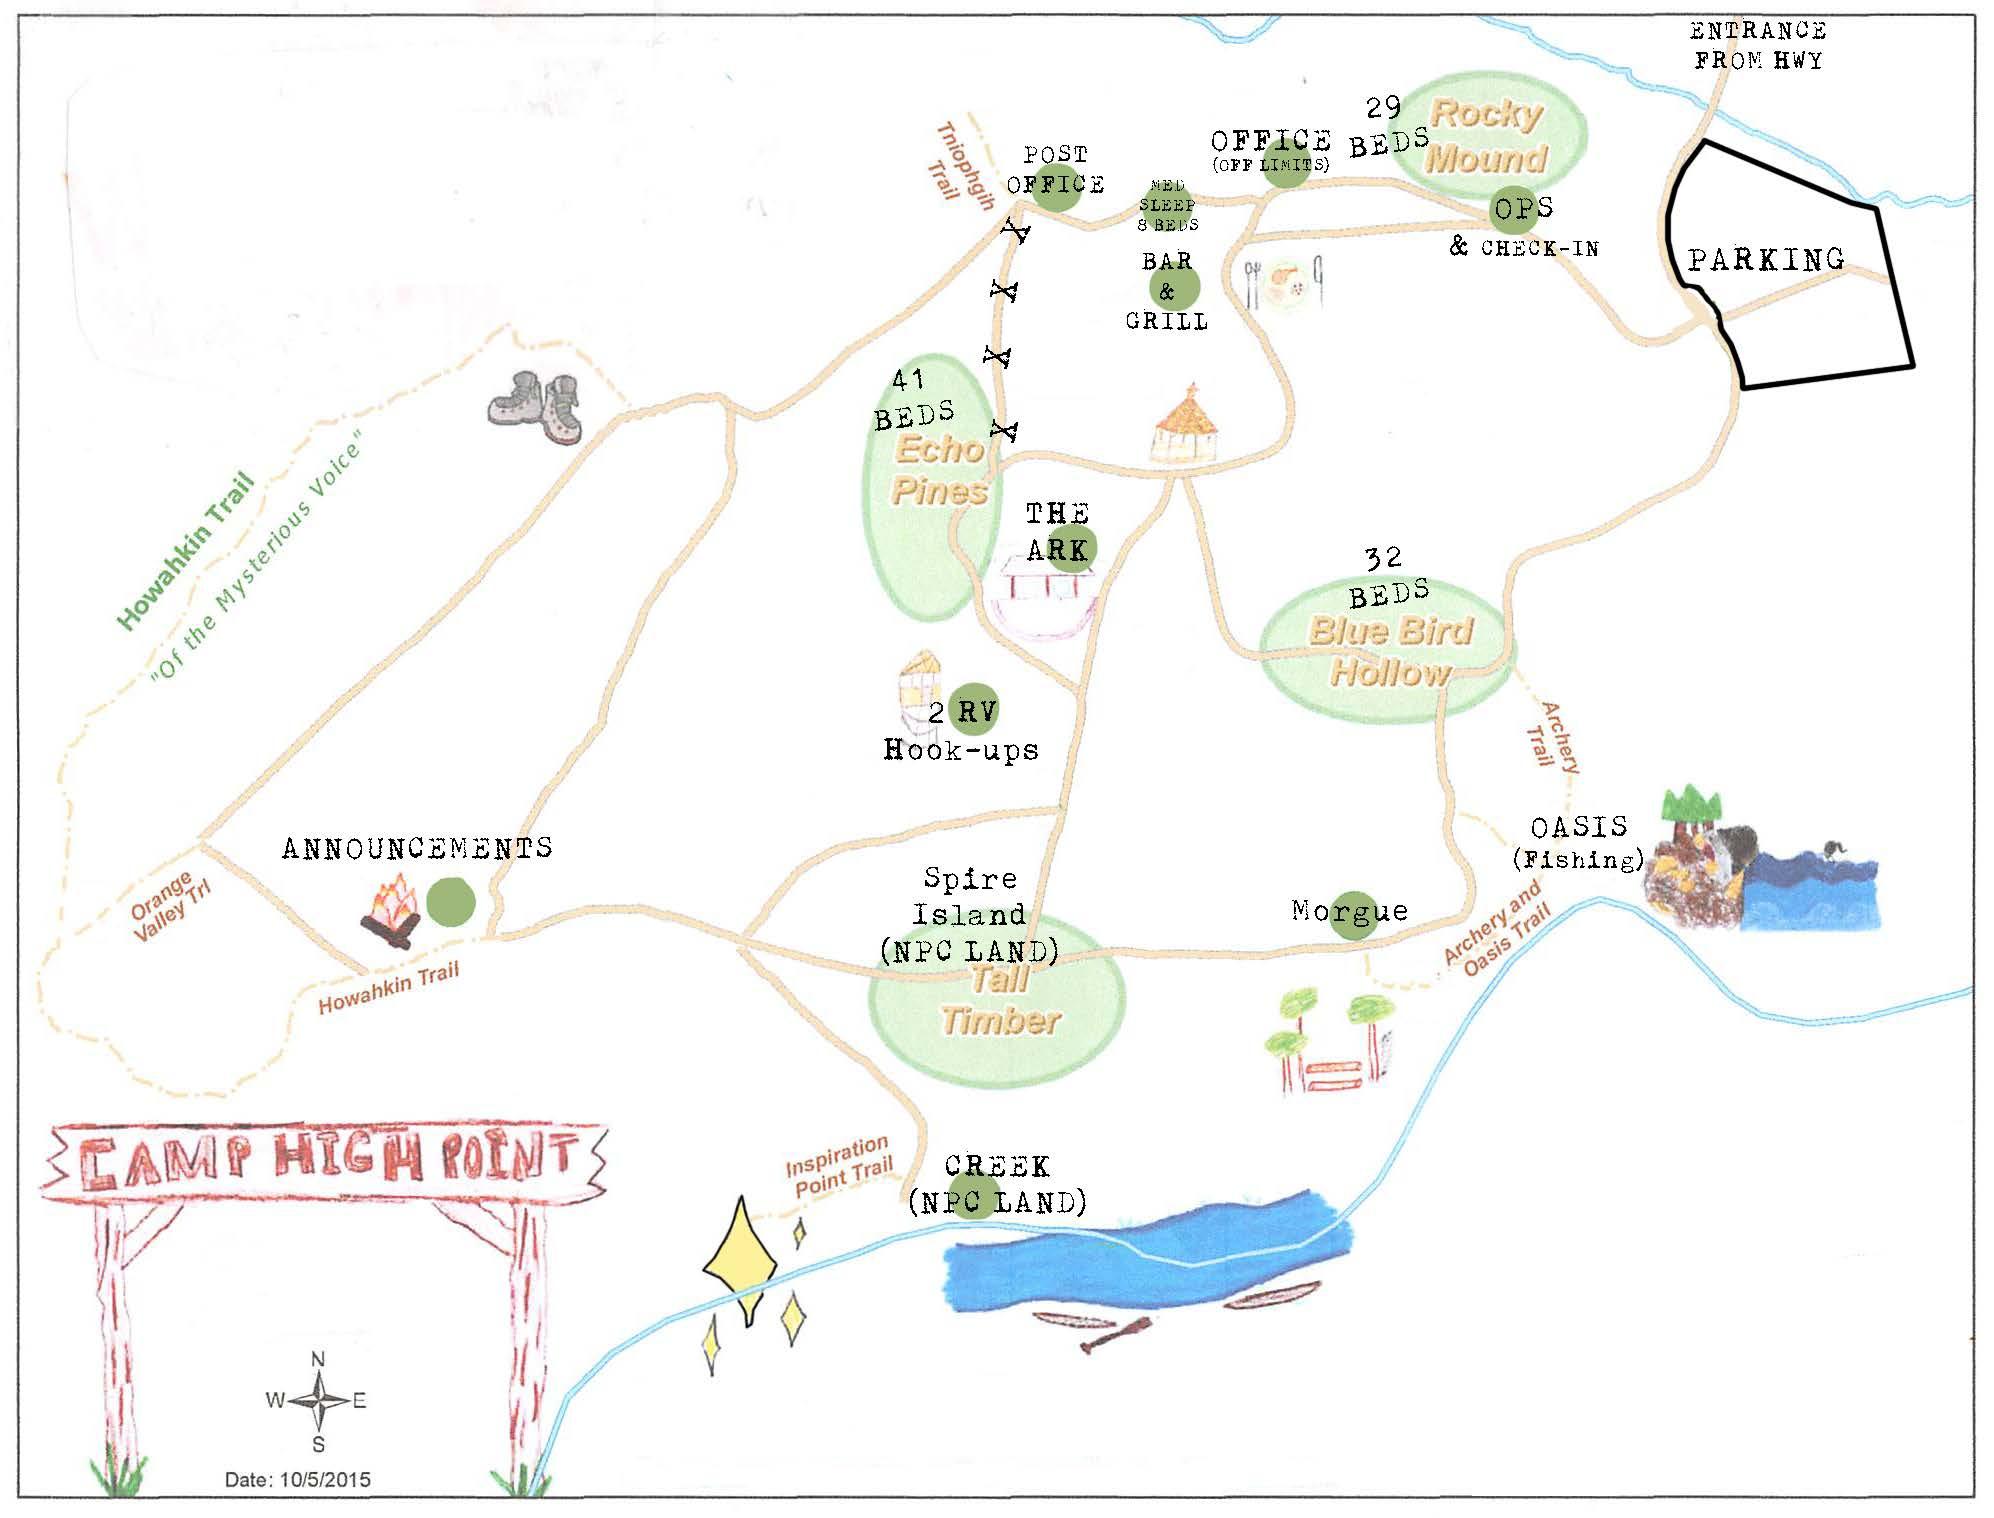 DR AR - High Point Map.jpg